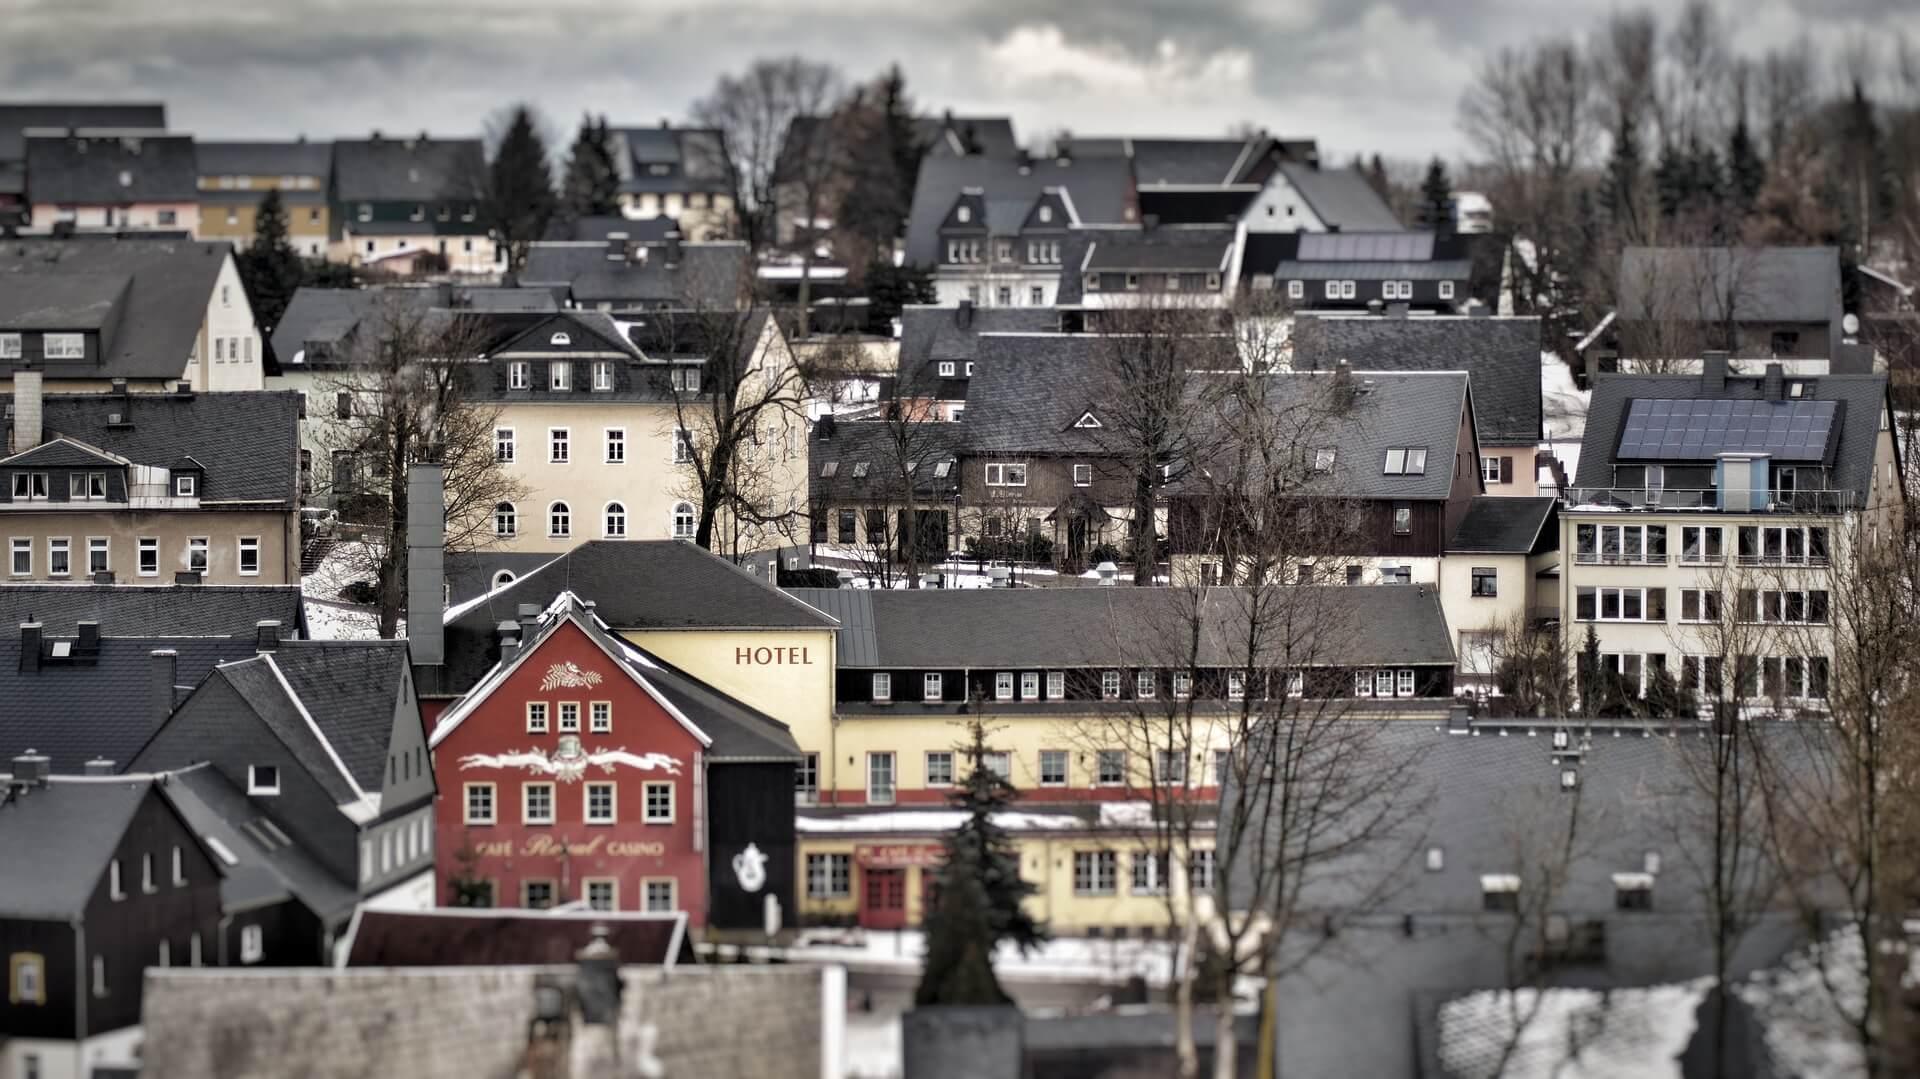 Städte- und Gemeindebund: Aufwandsentschädigungen sind steuerpflichtig